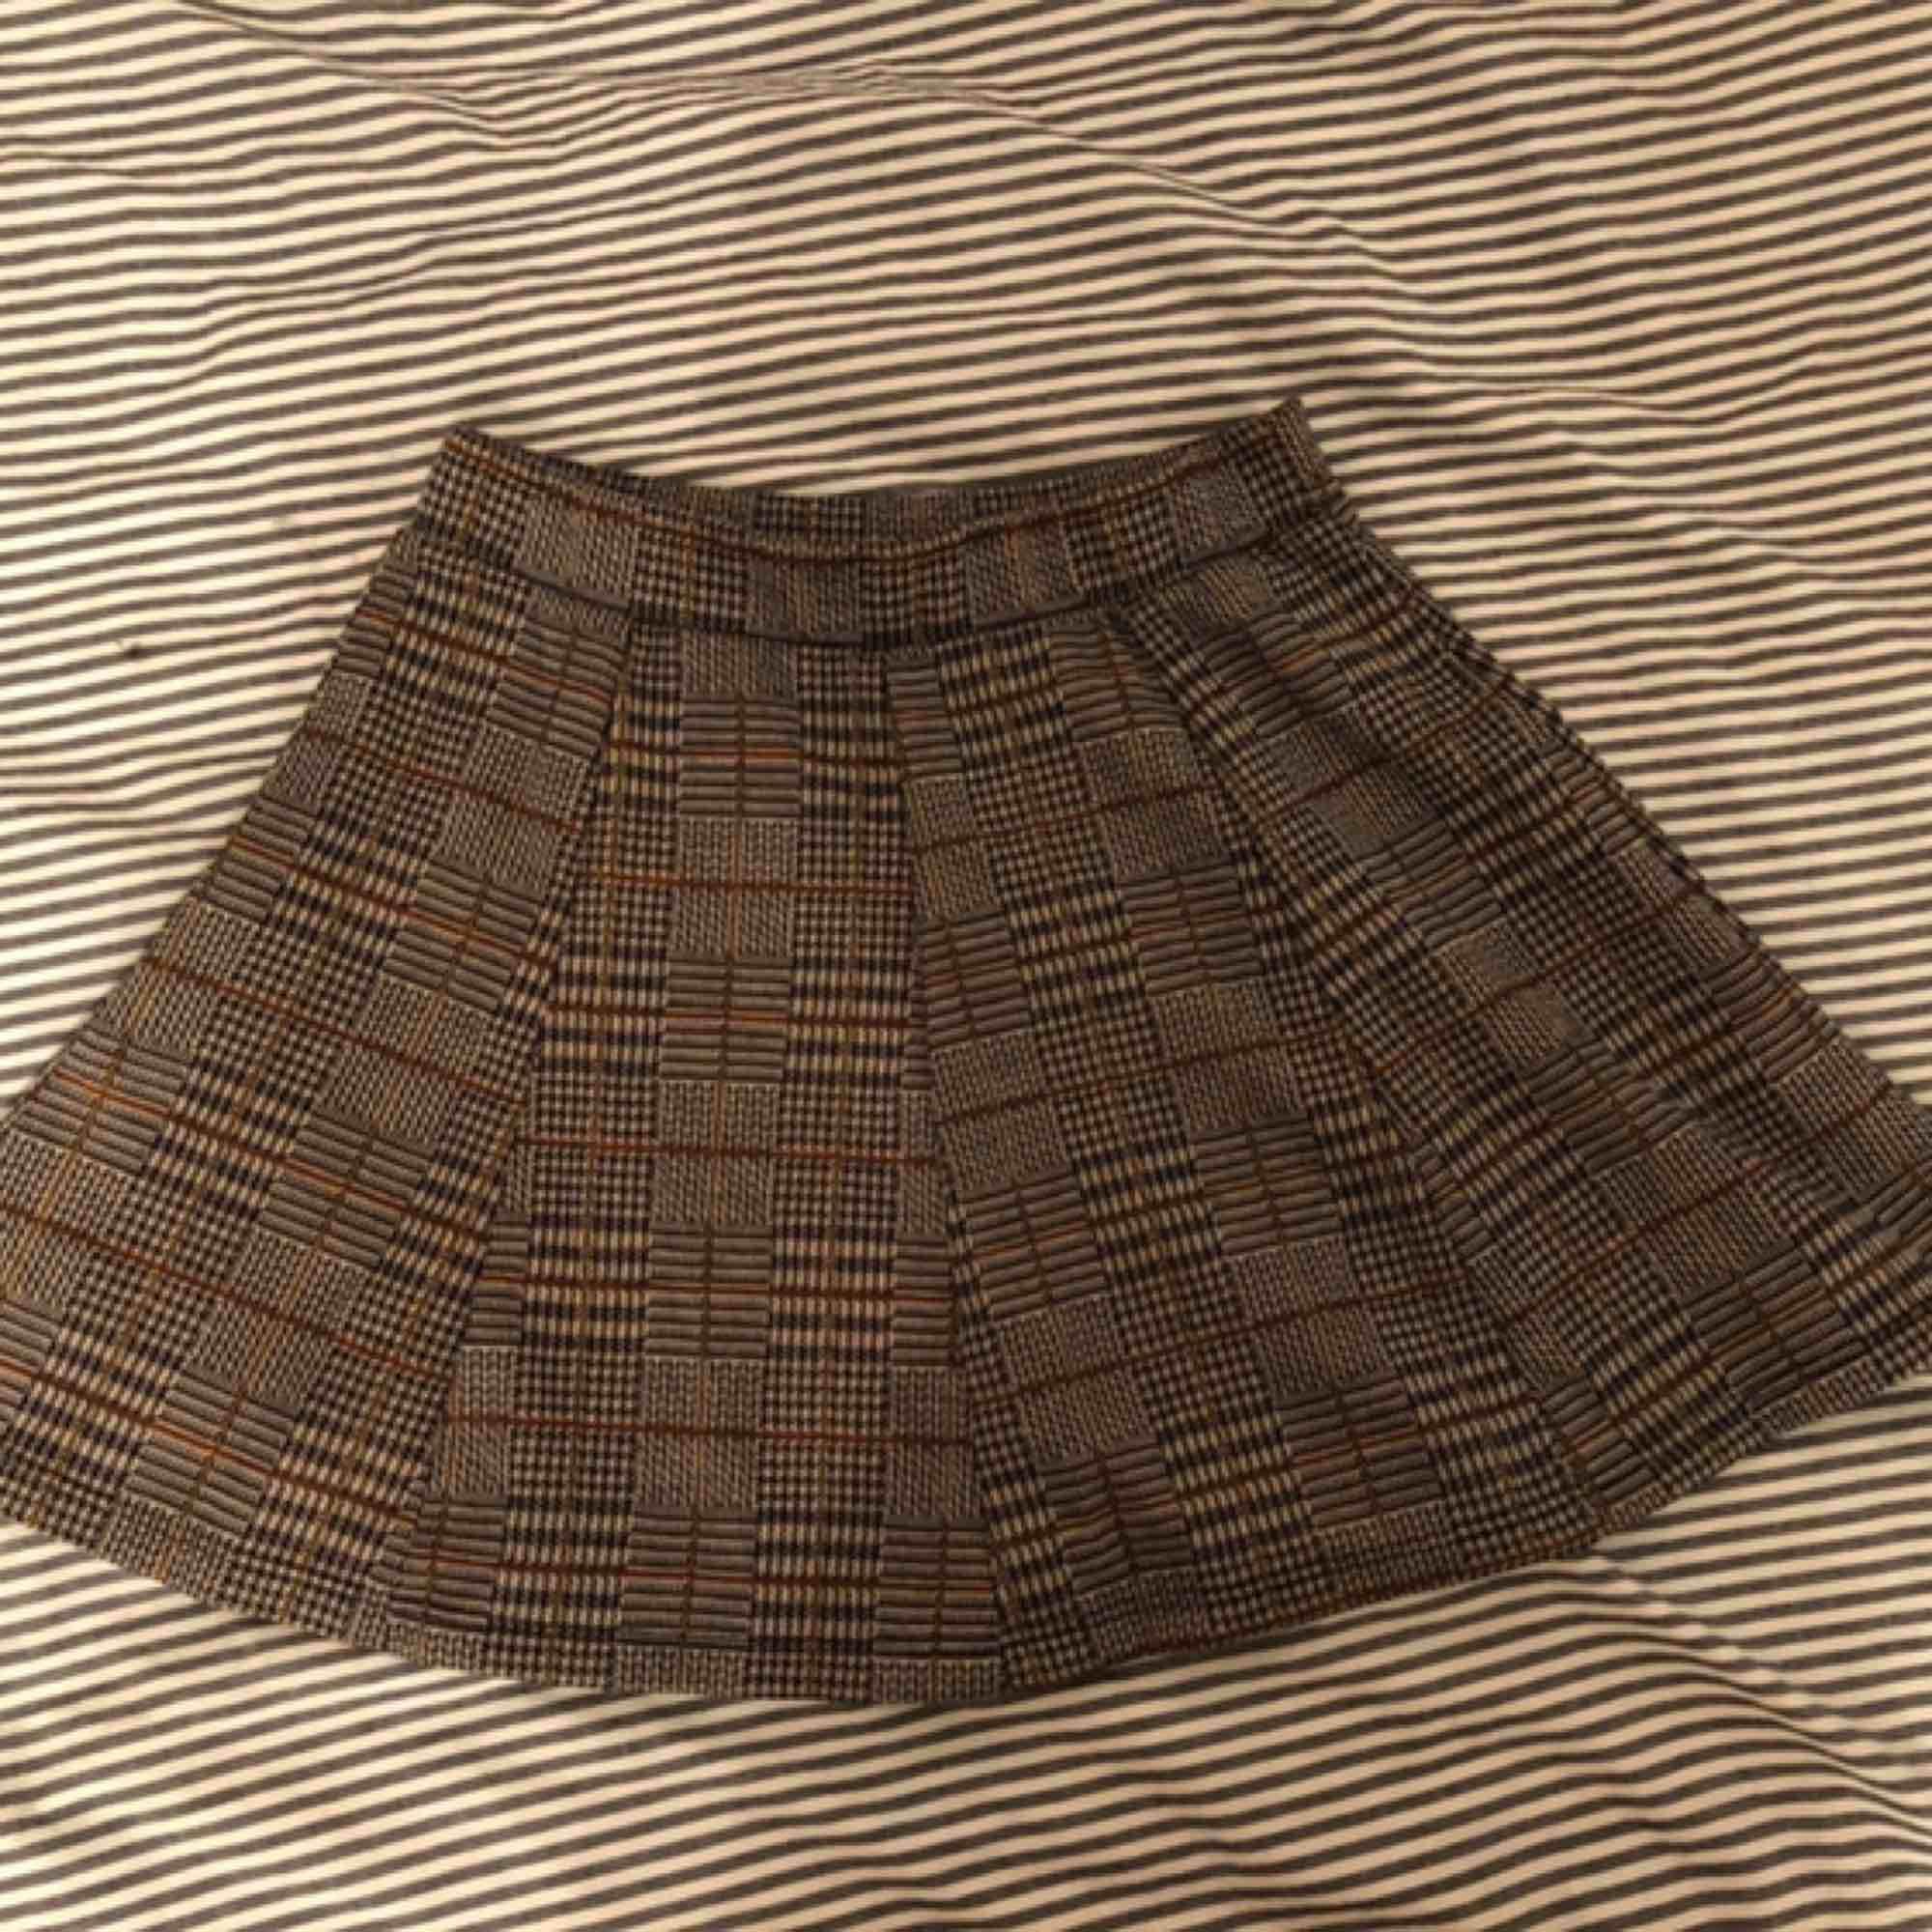 Den här kjolen fick jag av min vän som precis köpt den och jag trodde att jag skulle använda den men så blev det inte :(  Den är ganska kort, jag är 152 cm för referens men den är jättefin och sitter bra på.   . Kjolar.